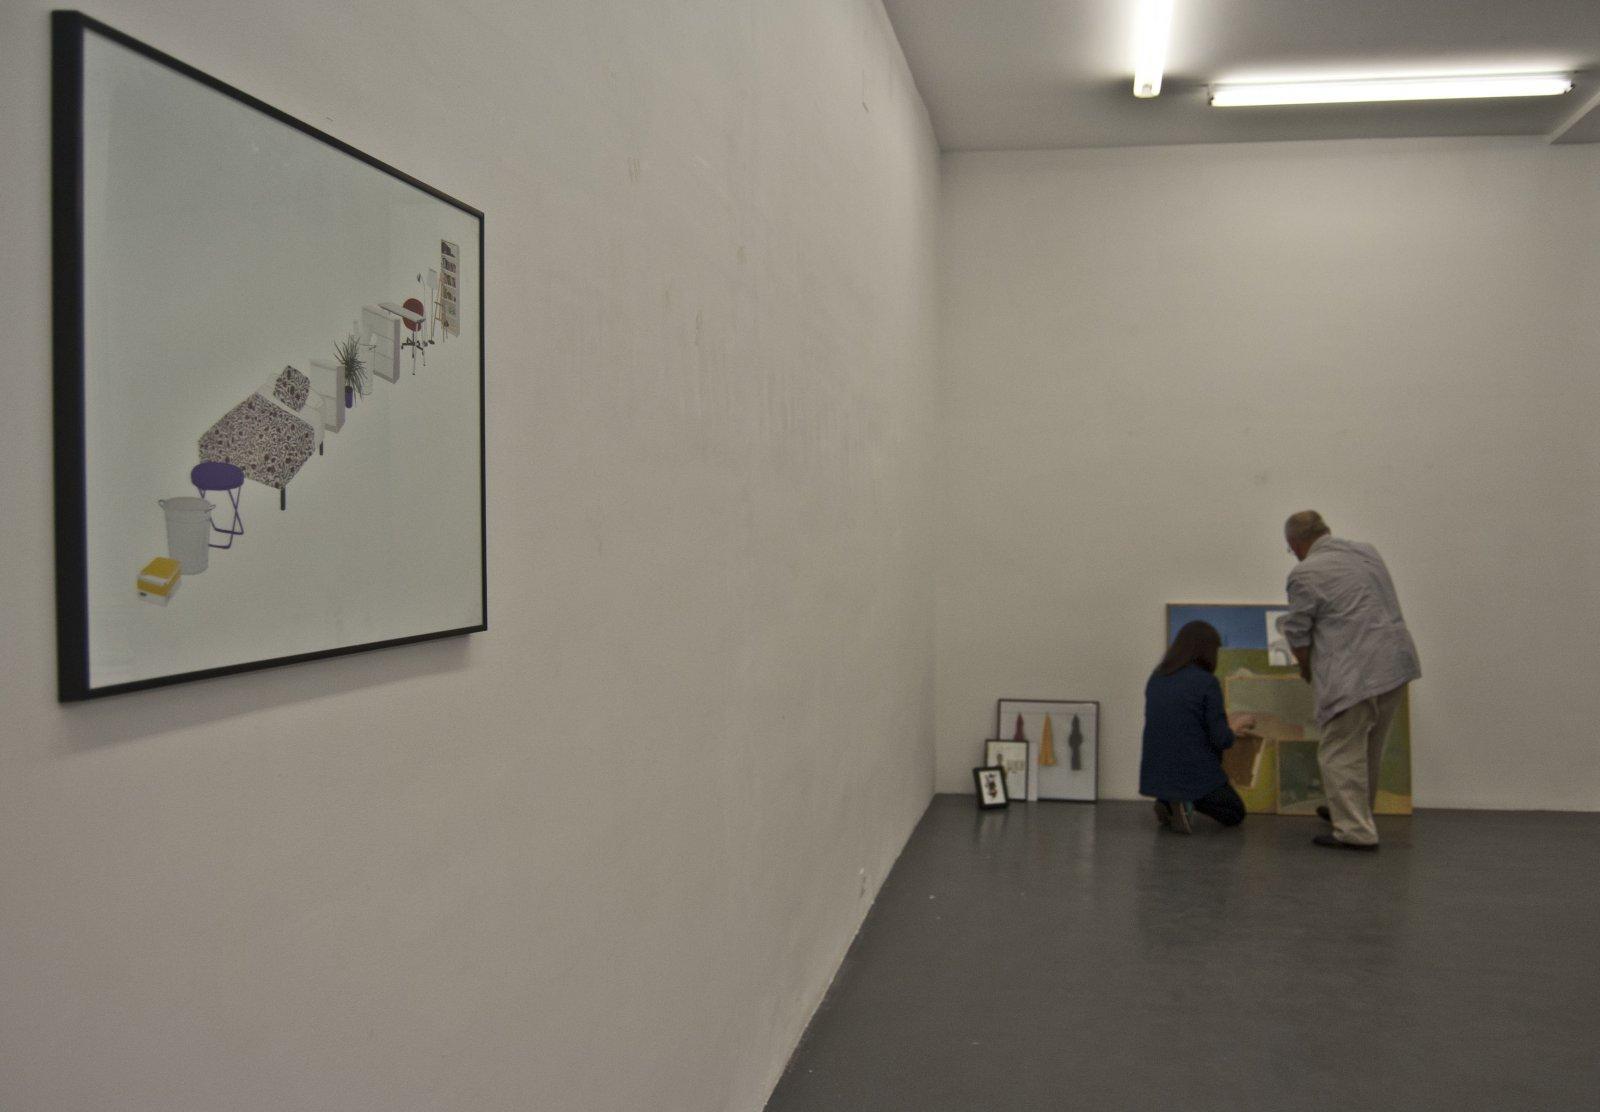 Proceso de montaje de 'El orden de mi habitación', de Elisa González, en Galería Fúcares